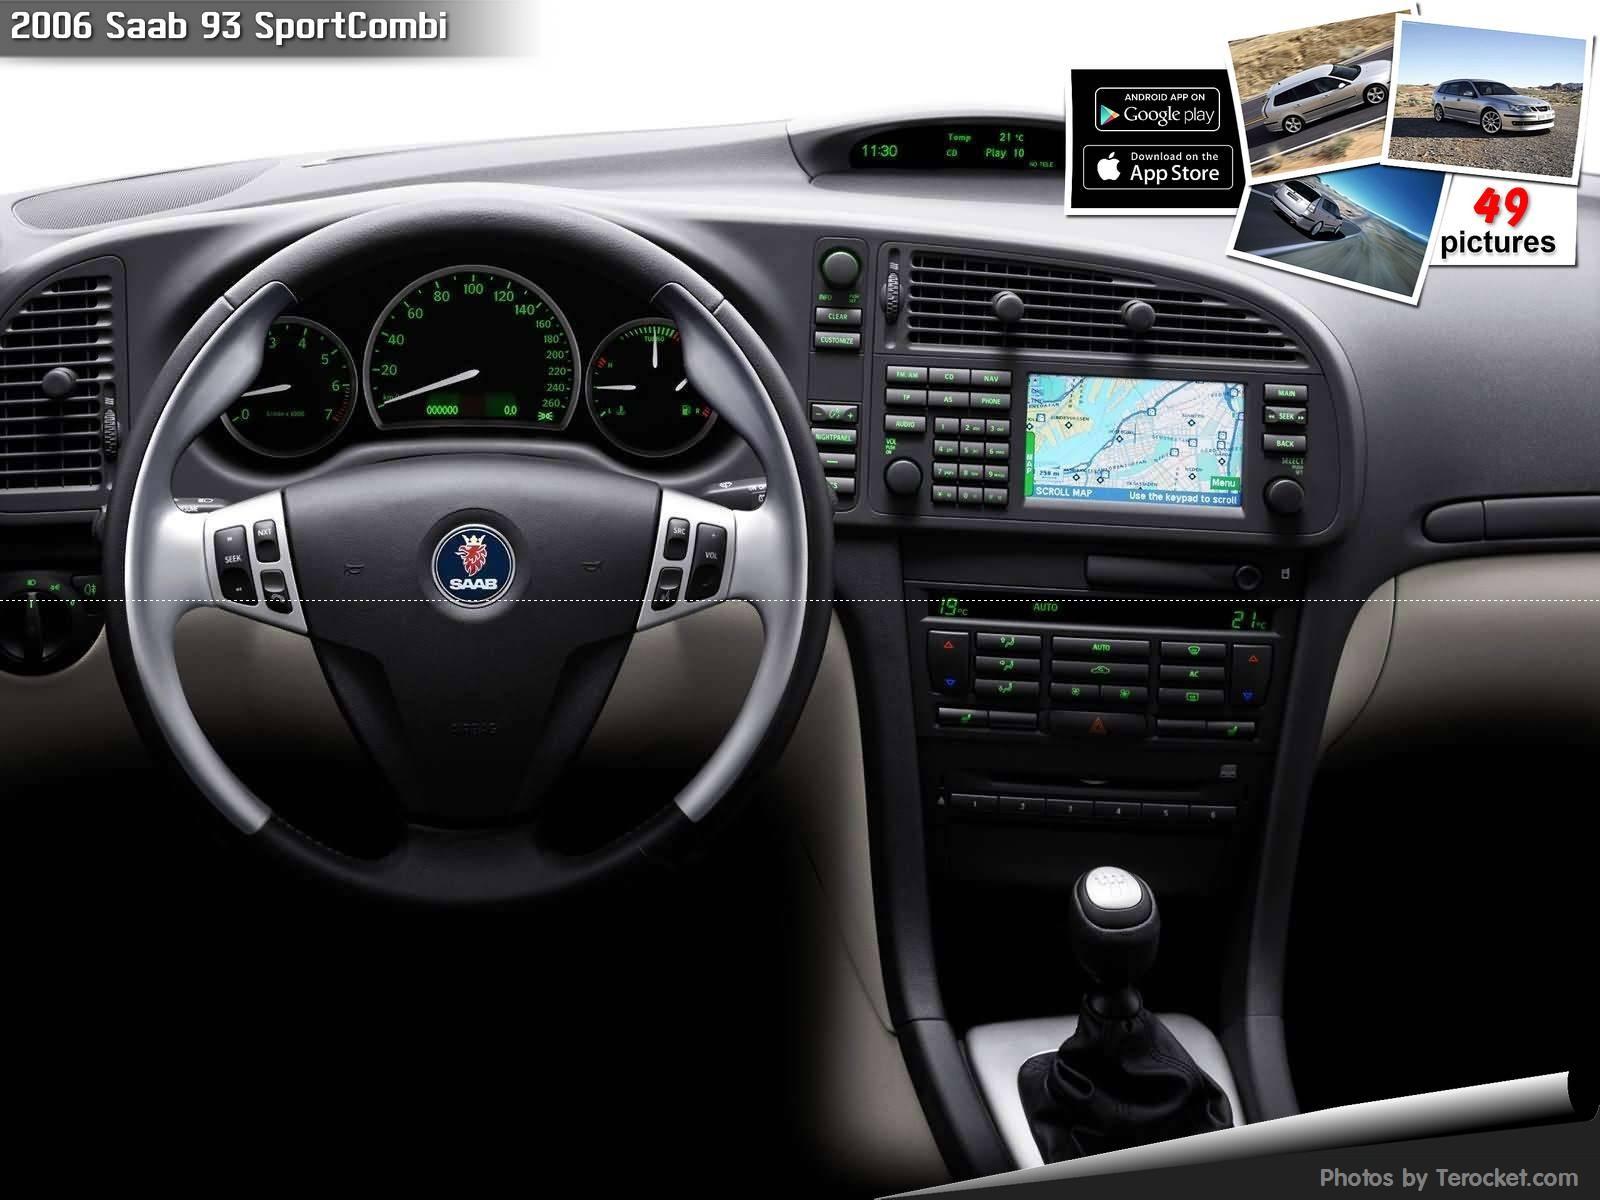 Hình ảnh xe ô tô Saab 93 SportCombi 2006 & nội ngoại thất